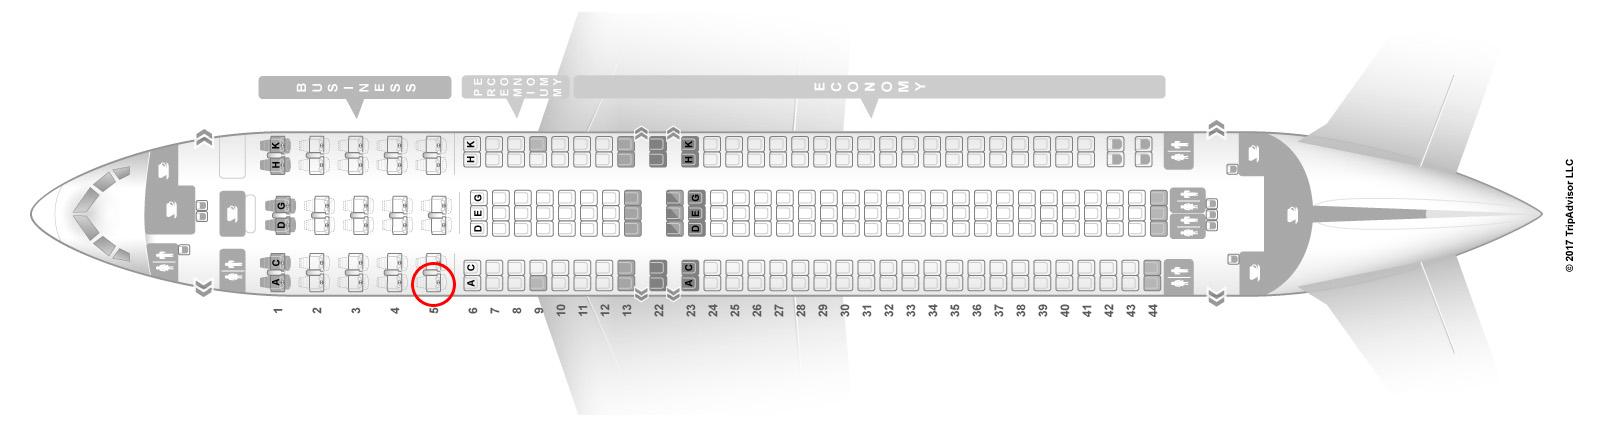 condor 767-300 seat map